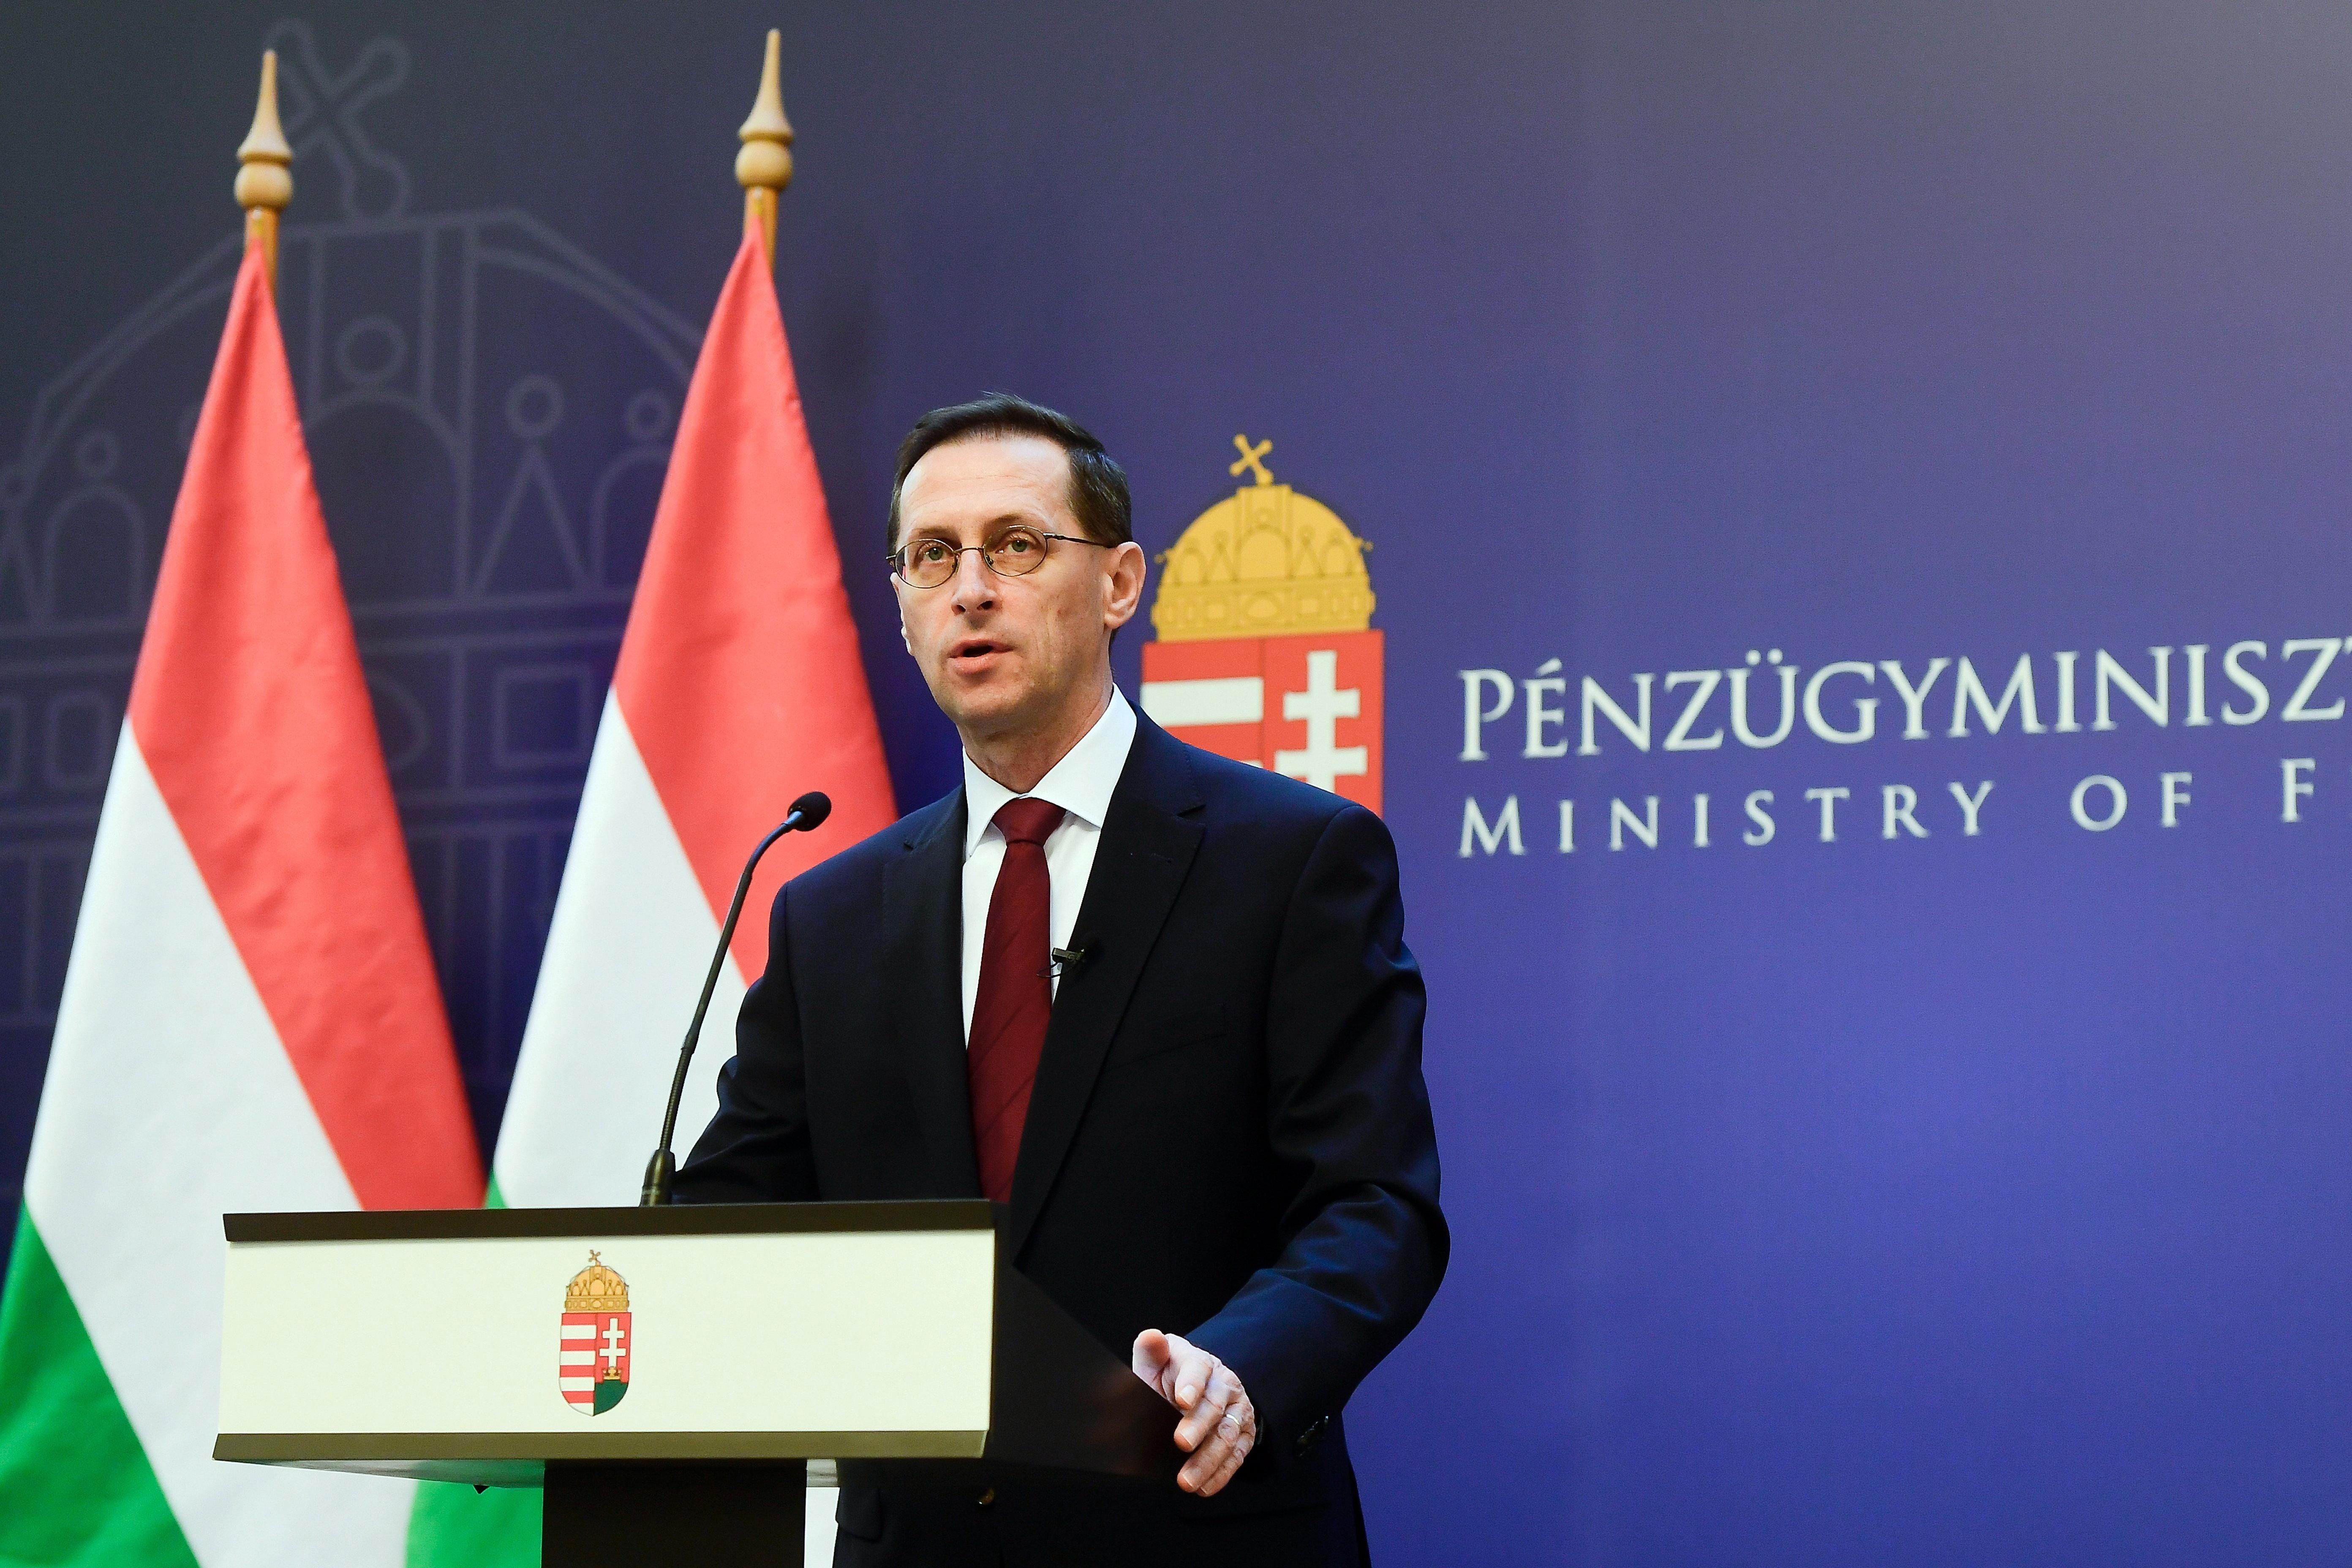 Varga Mihály: Jövőre is folytatódnak az adócsökkentések és adóegyszerűsítések